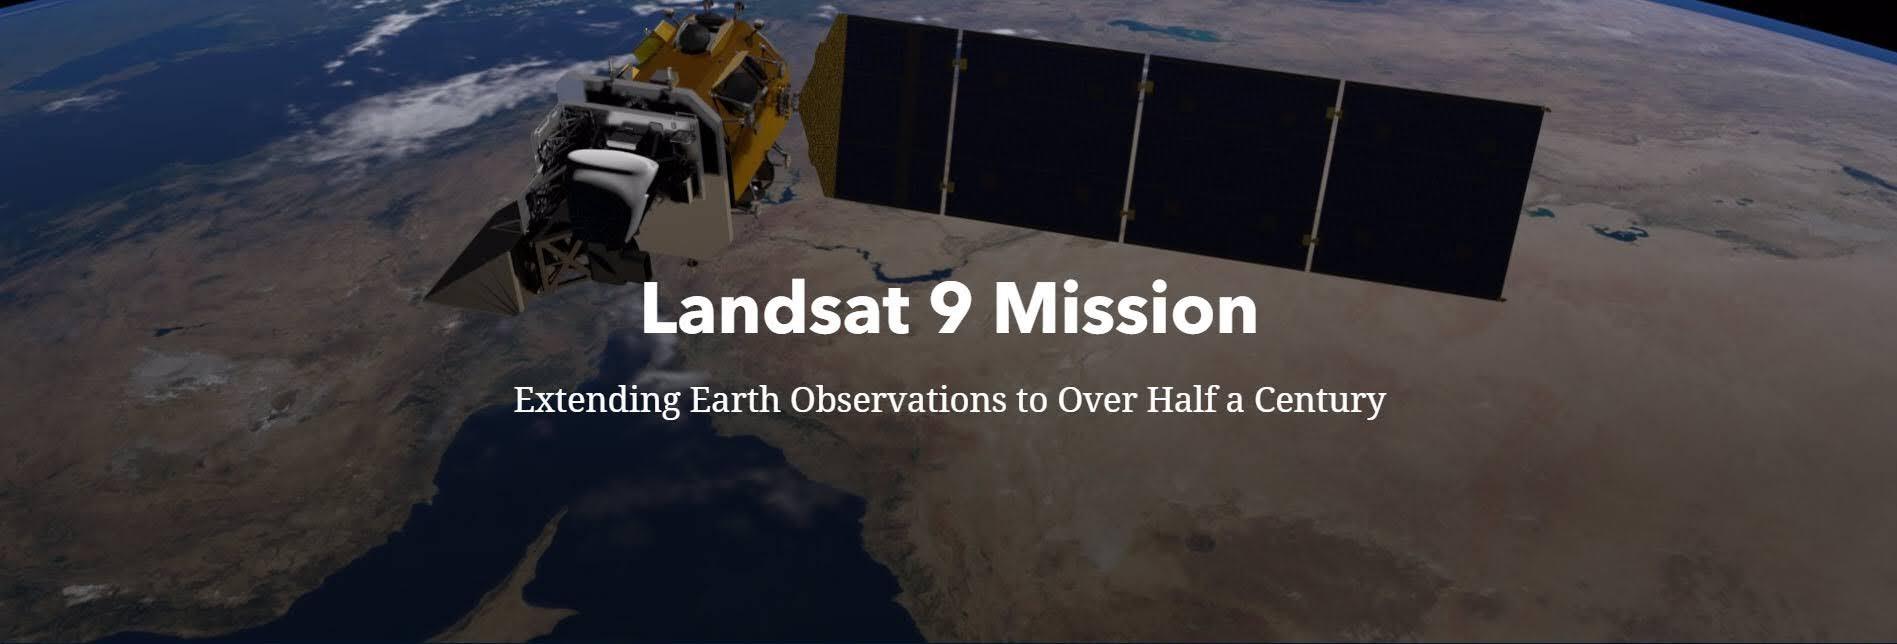 Selamat Datang Landsat 9